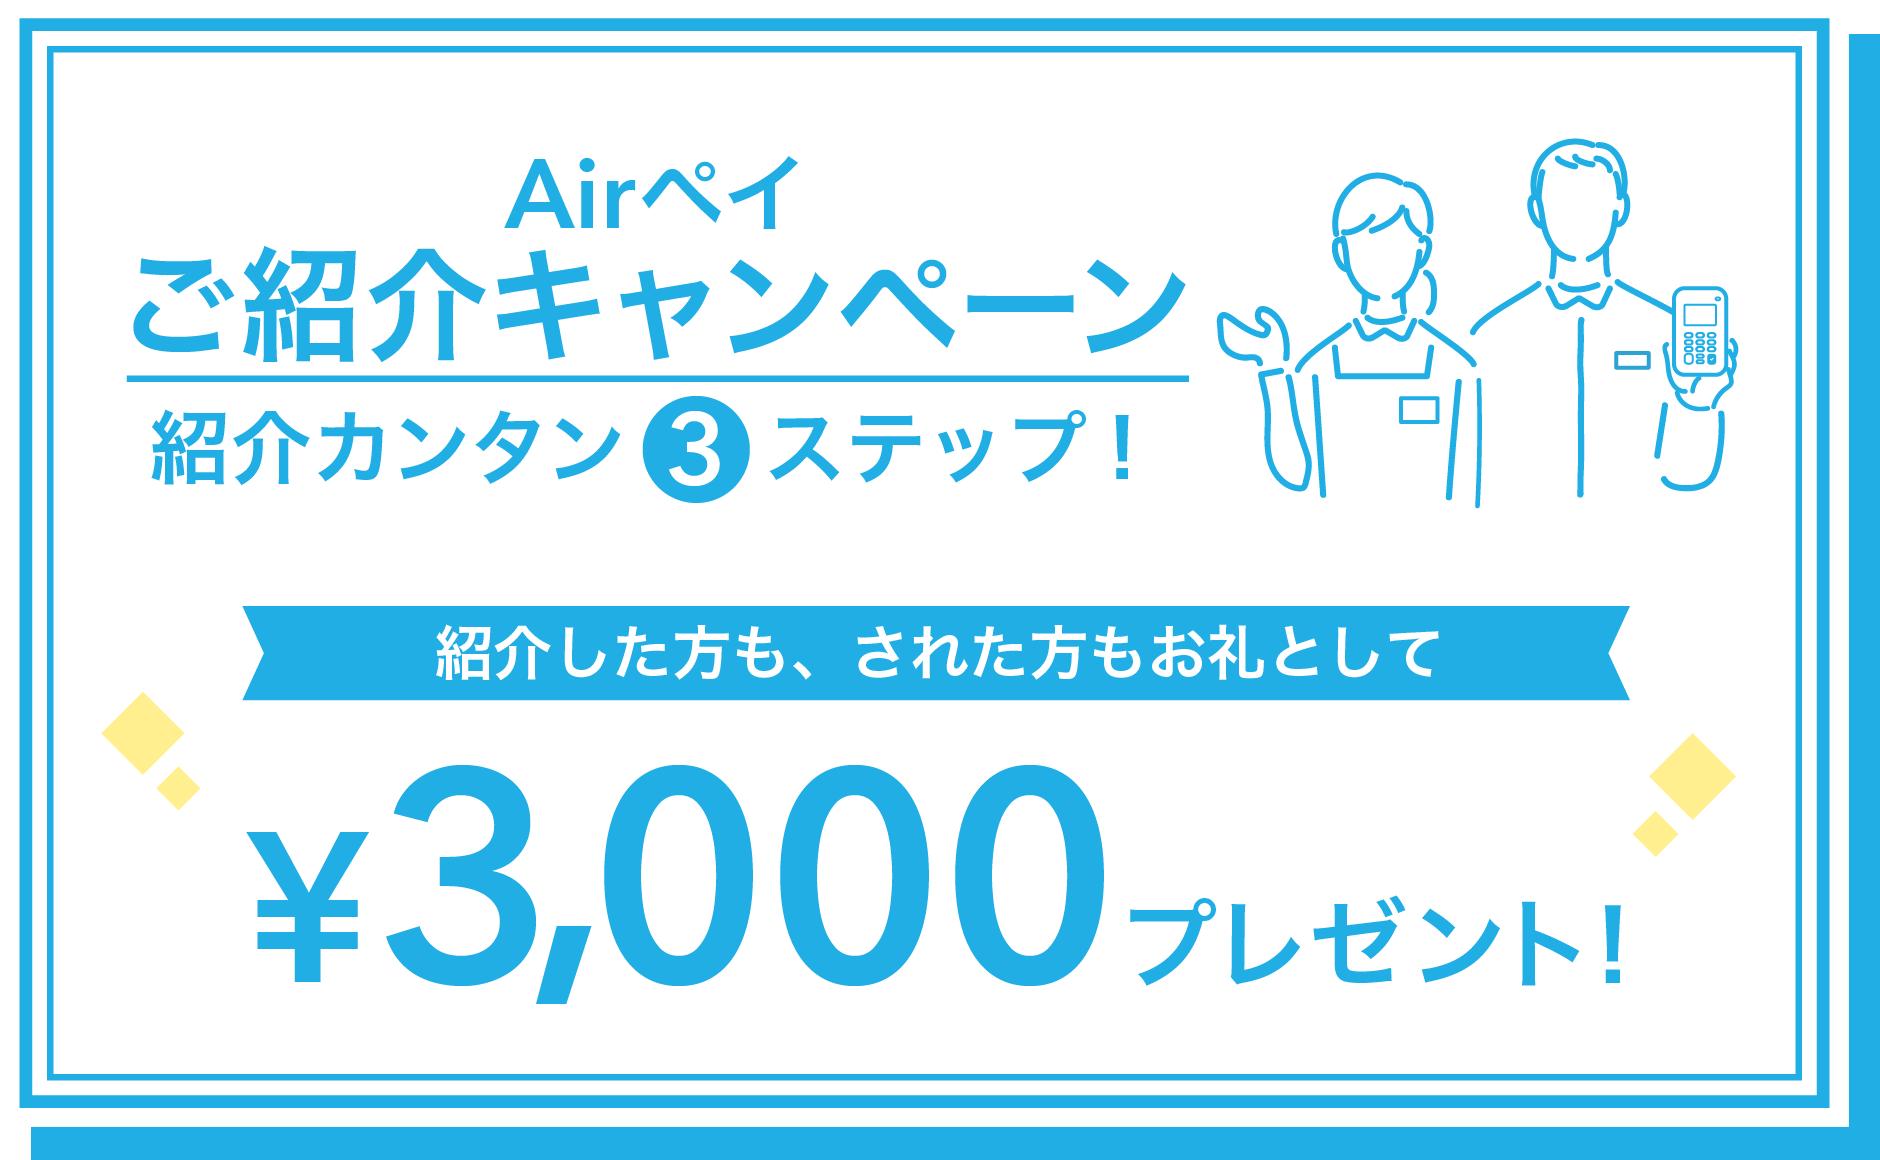 ご紹介者さまとご紹介された方それぞれに1500円プレゼント!